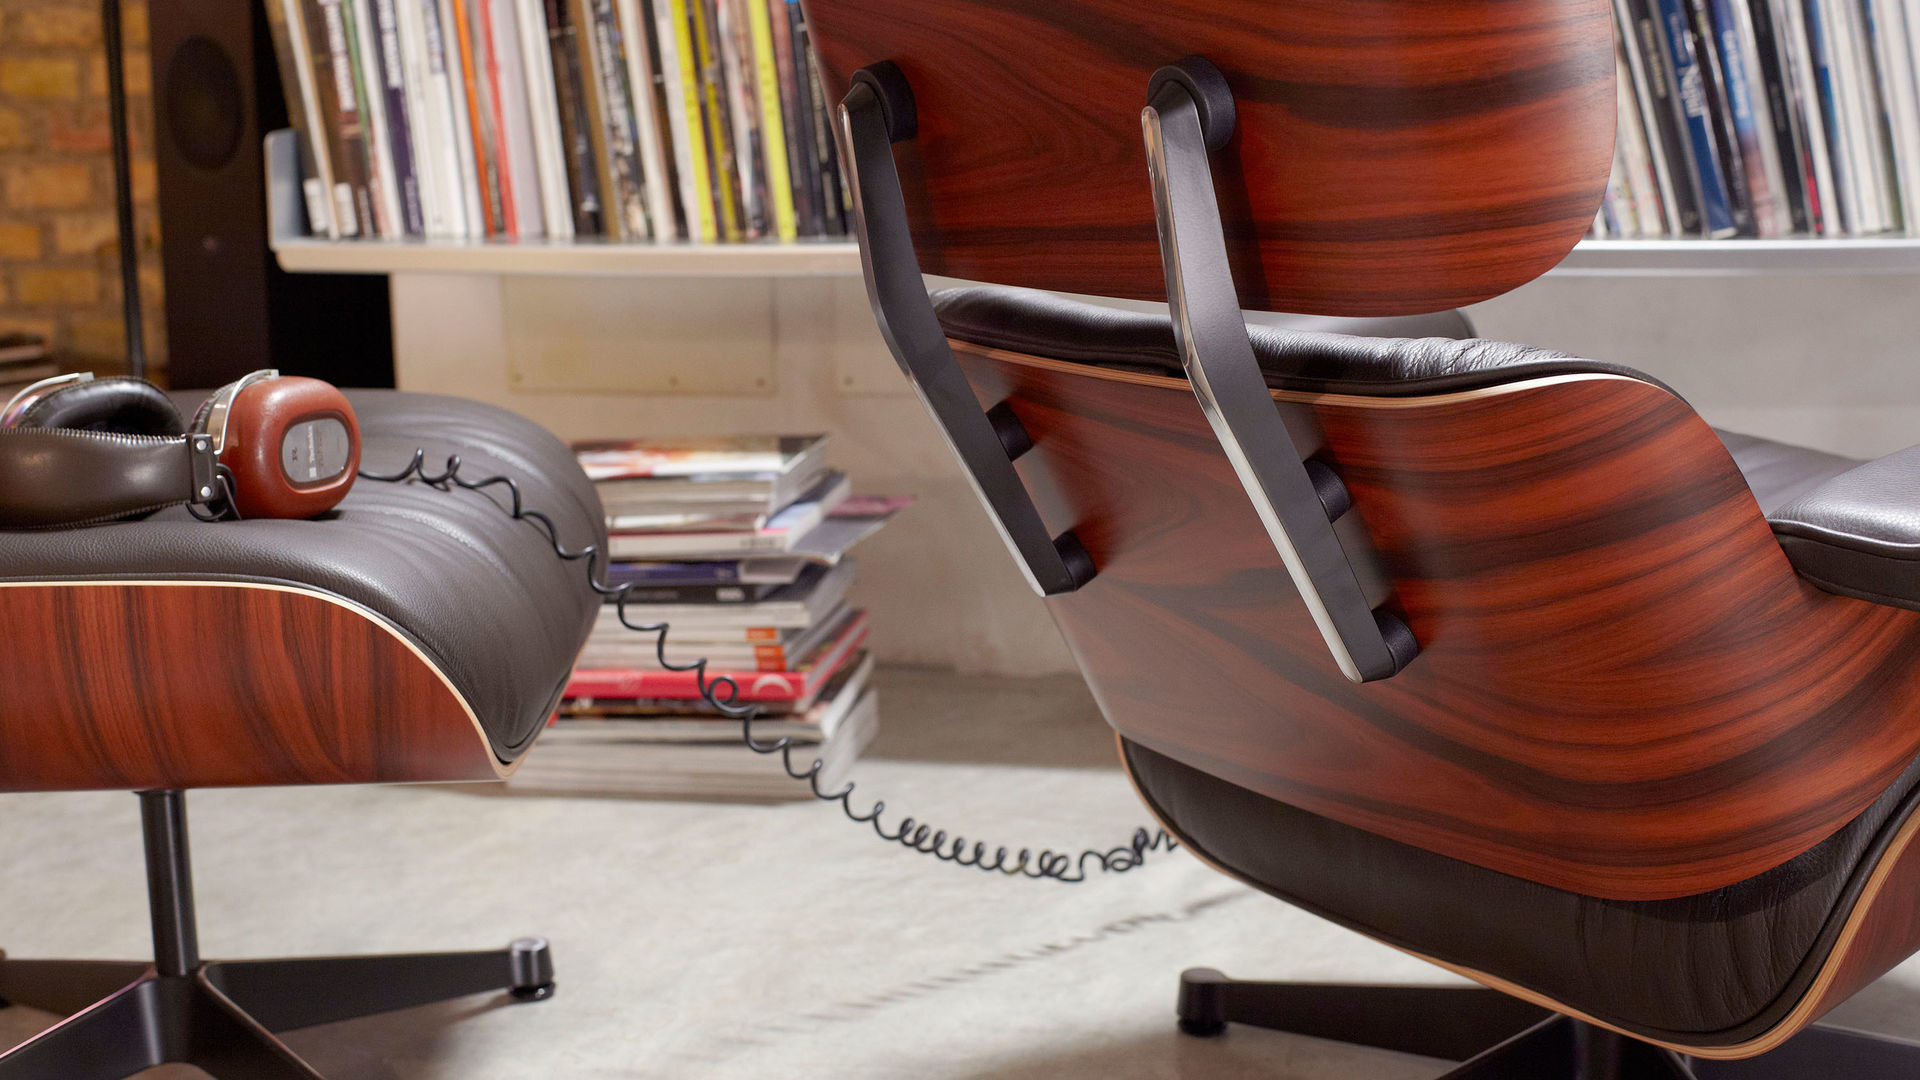 Lounge Chair_web_16-9